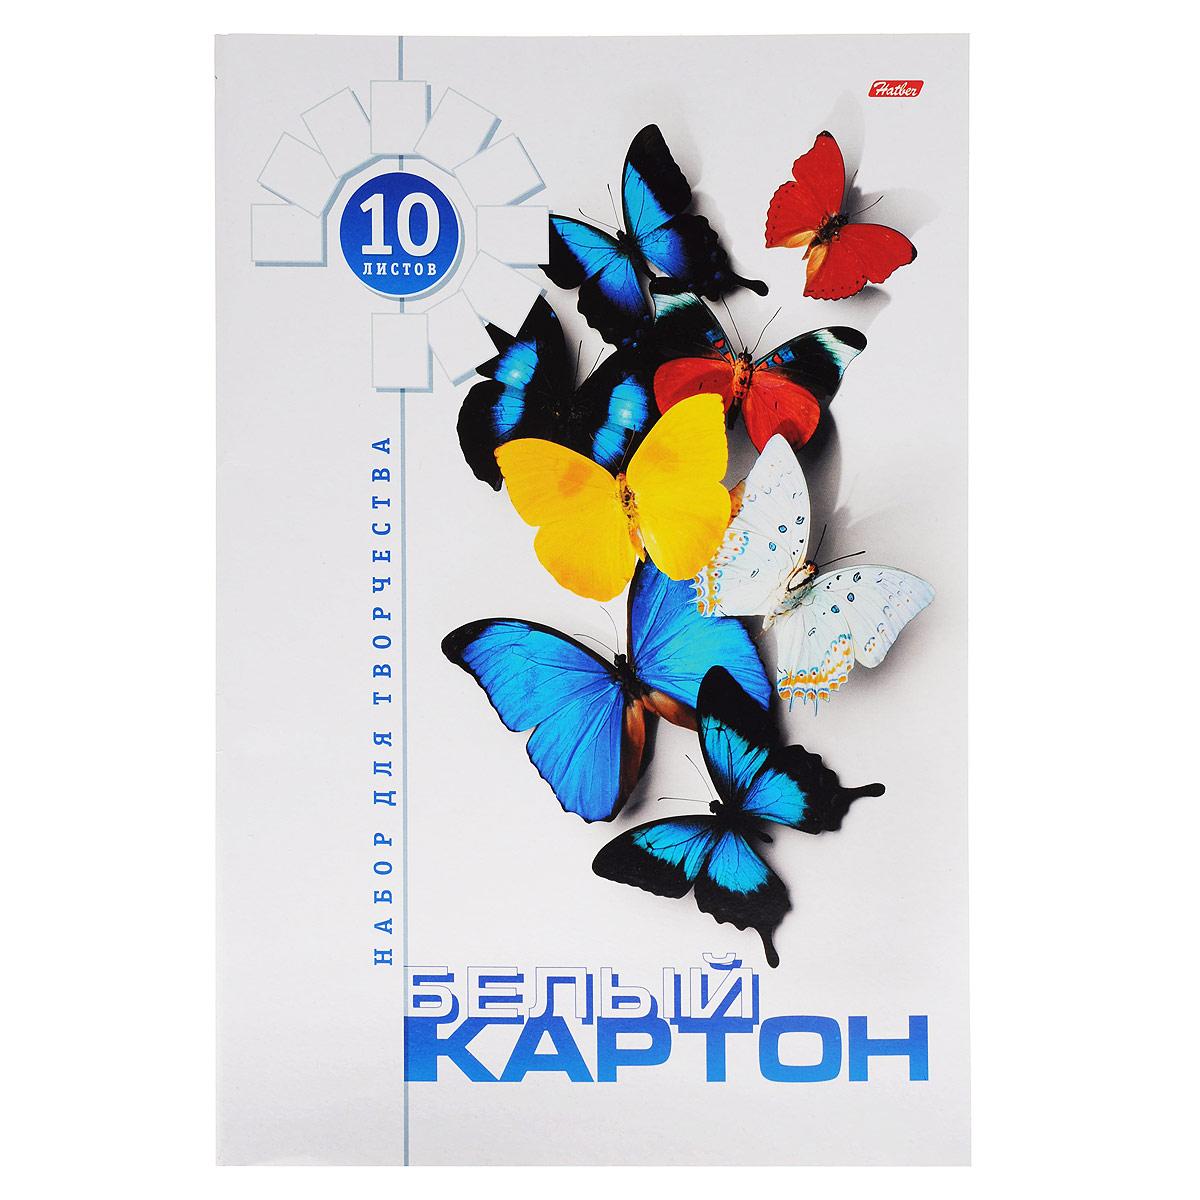 Картон Hatber Бабочки, цвет: белый, 10 листов10Кб4_10877Картон Hatber Бабочки позволит вашему ребенку создавать всевозможные аппликации и поделки. Набор состоит из десяти листов картона белого цвета с полуглянцевым покрытием. Картон упакован в оригинальную картонную папку, оформленную рисунком с изображением цветных бабочек. Создание поделок из картона поможет ребенку в развитии творческих способностей, кроме того, это увлекательный досуг. Рекомендуемый возраст от 6 лет.